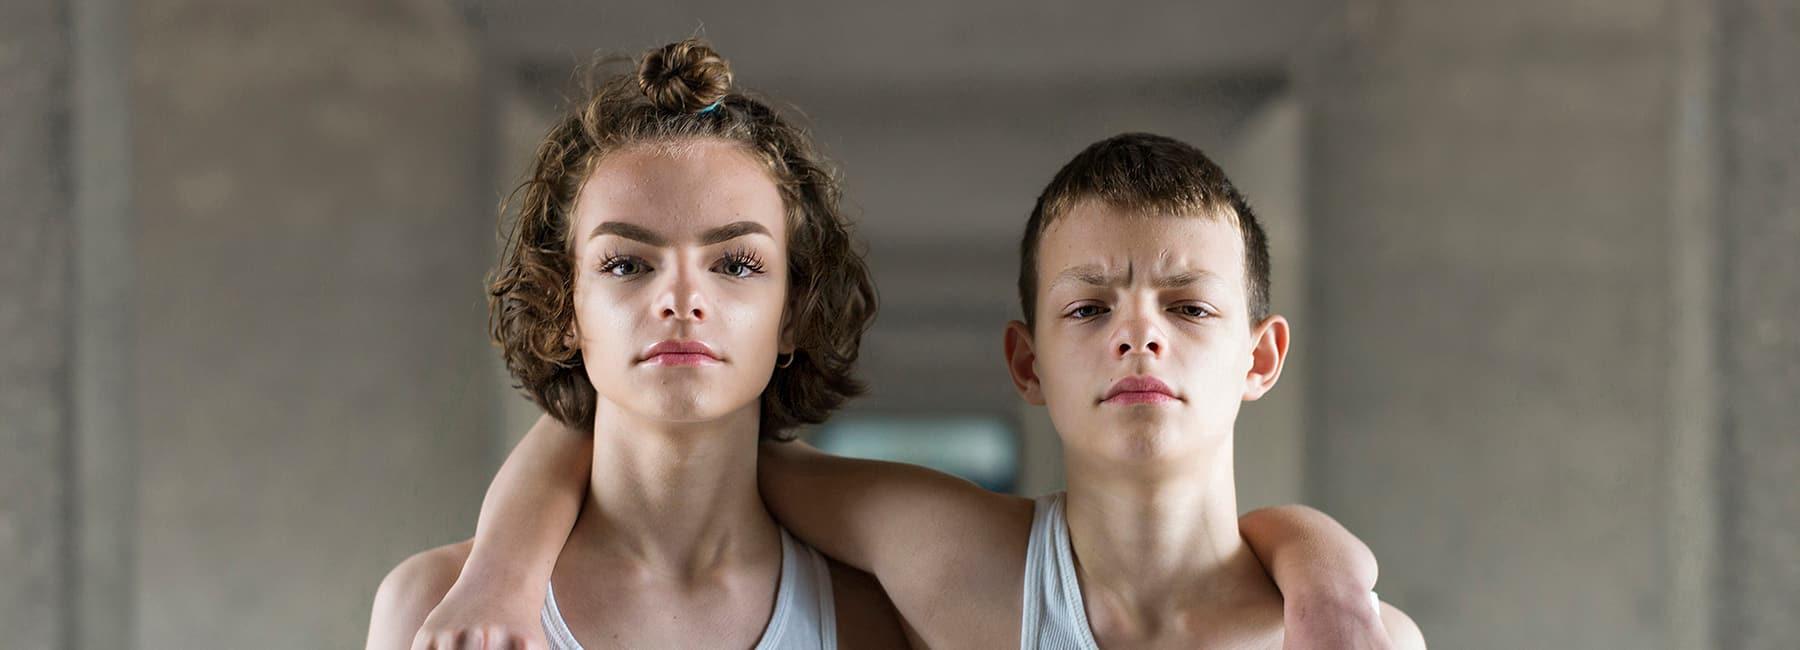 peter zelewski photography twins 12